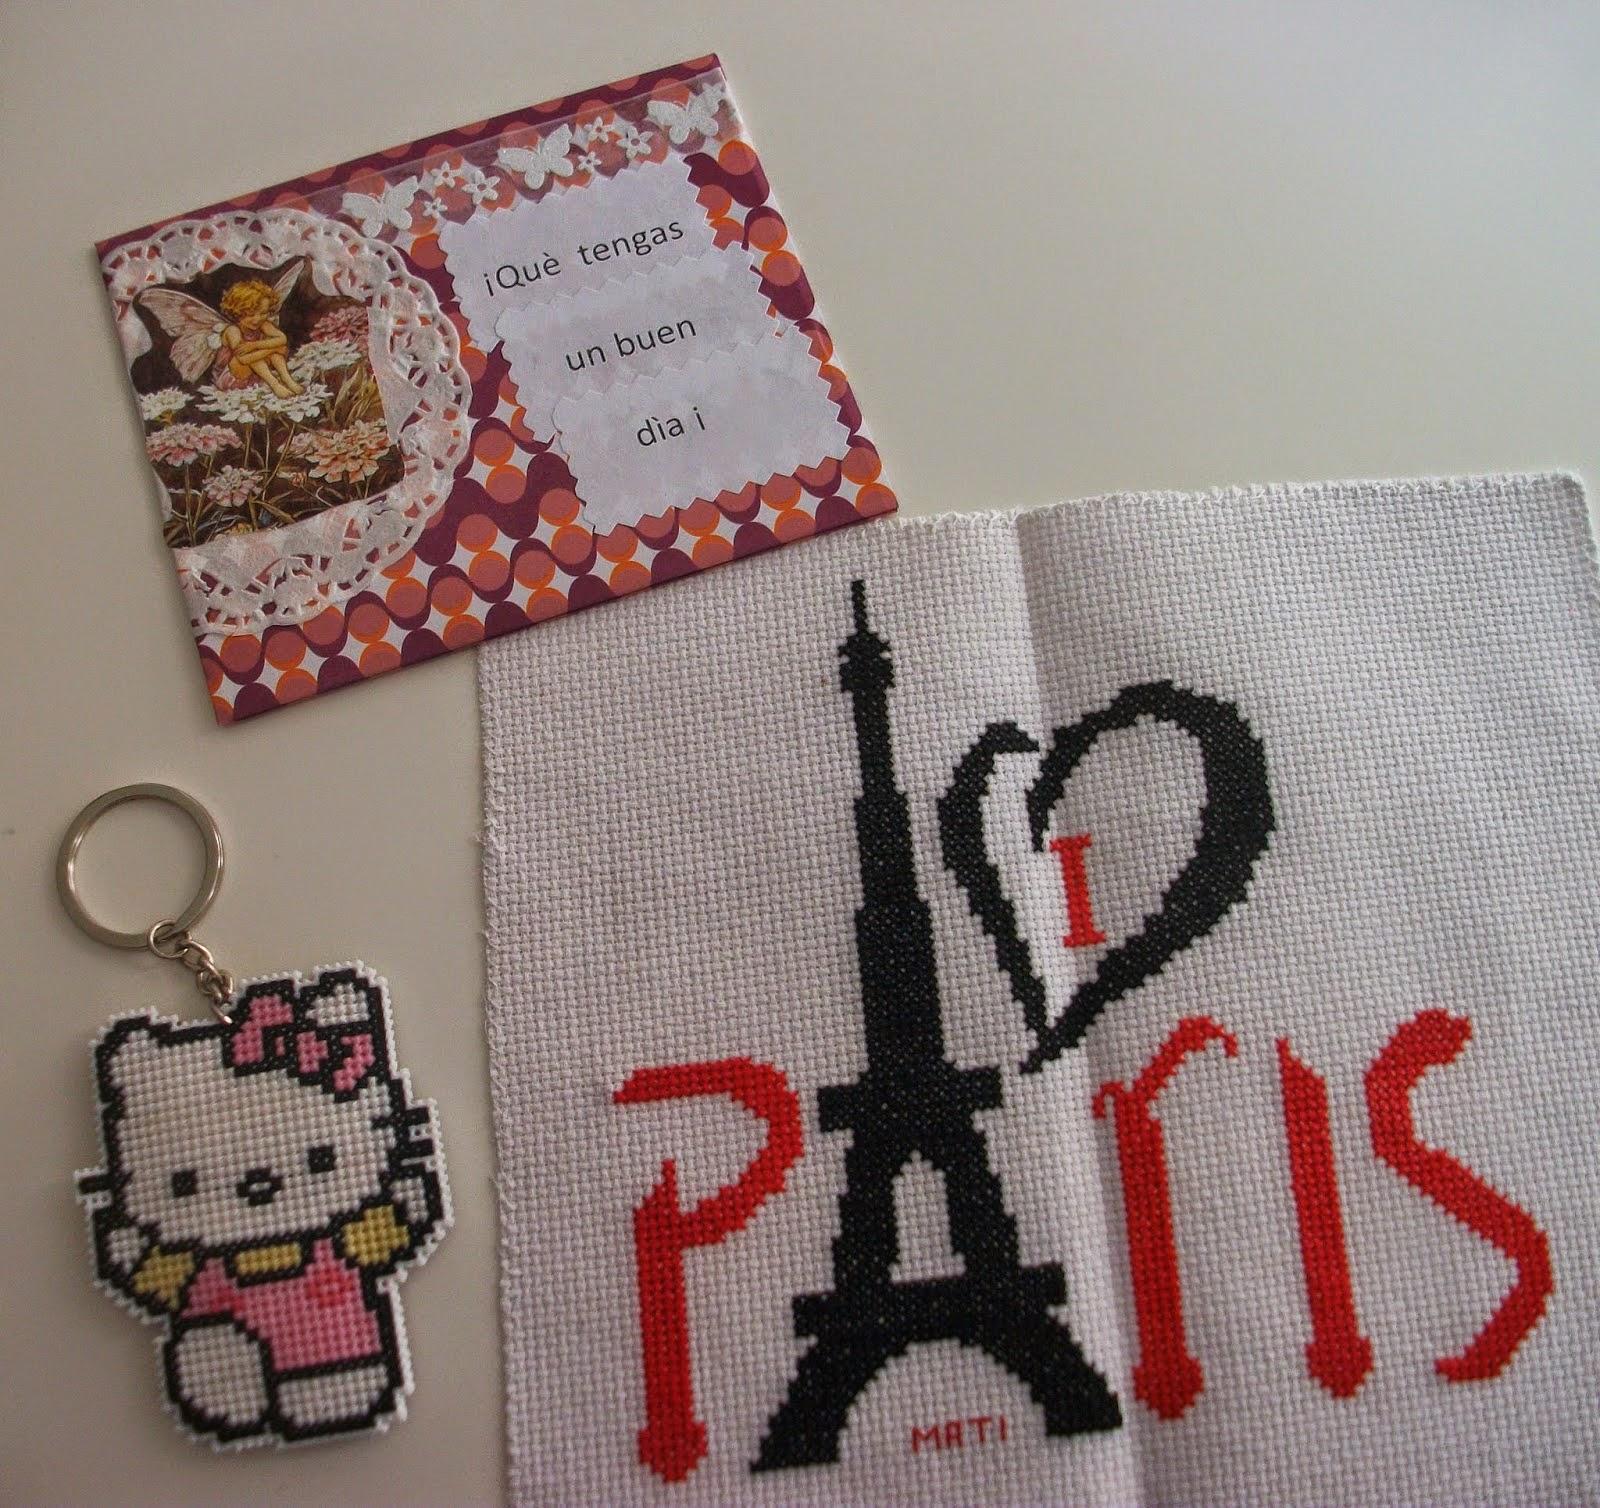 Mis cosas regalos de cumplea os para mi amiga isa rejon - Que regalar a tu madre por su cumpleanos ...